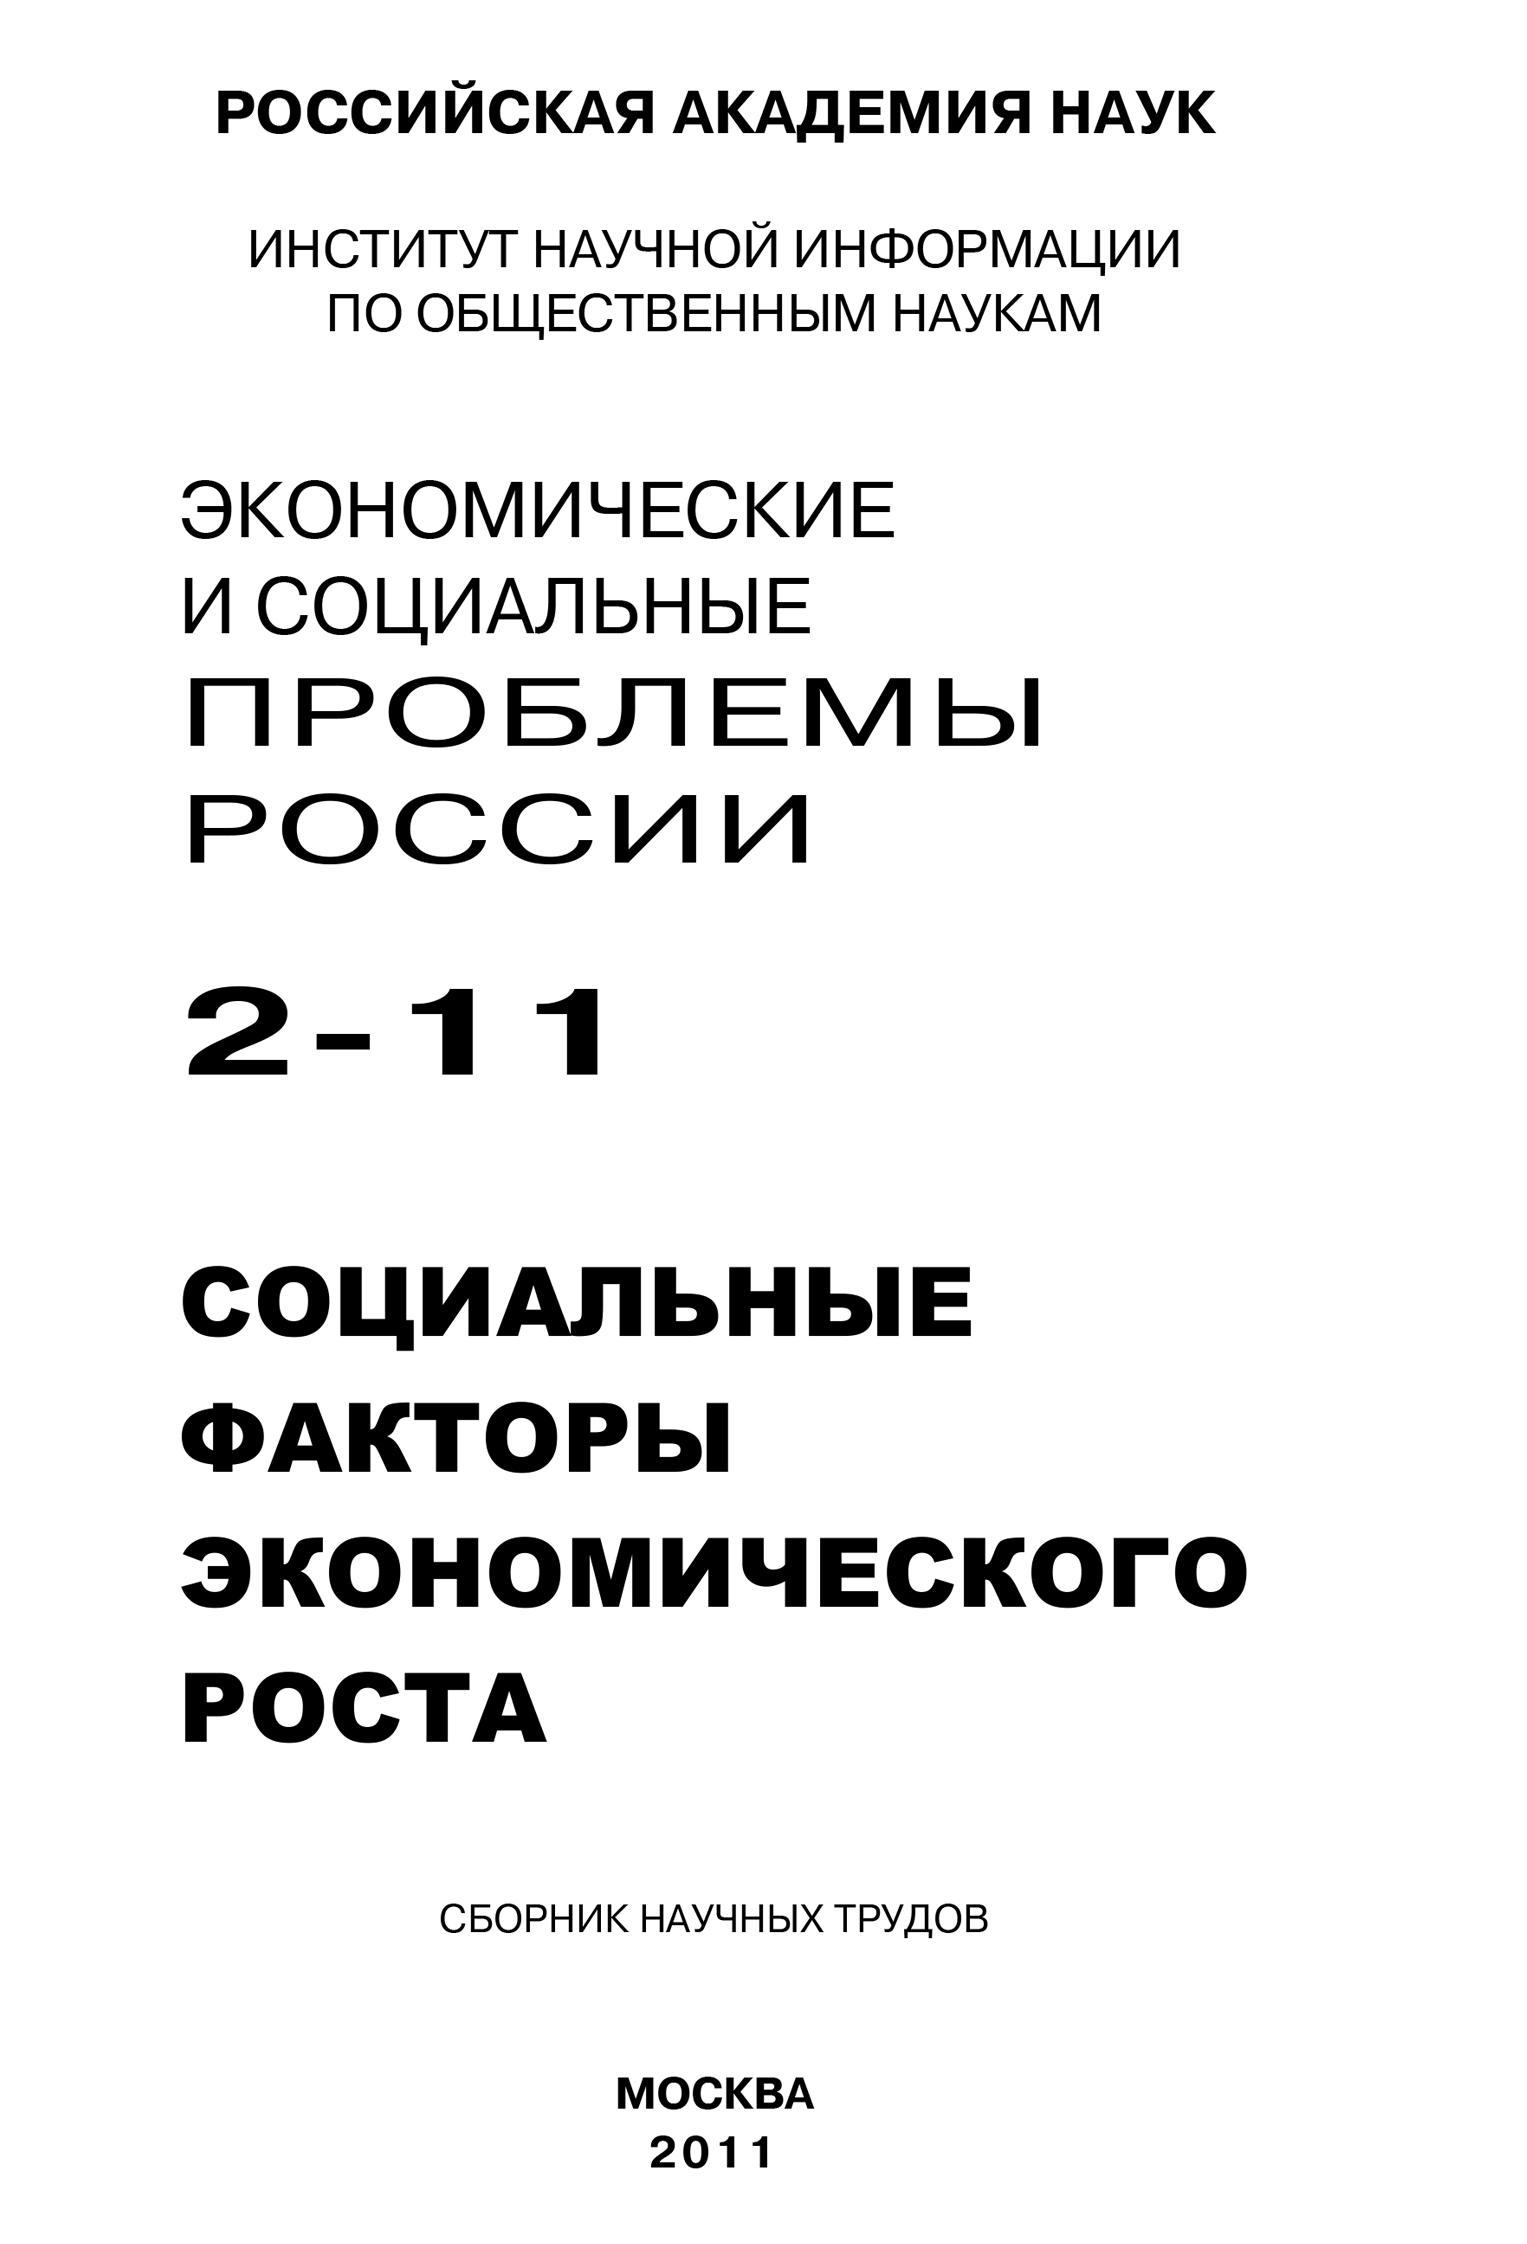 Экономические и социальные проблемы России № 2 / 2011